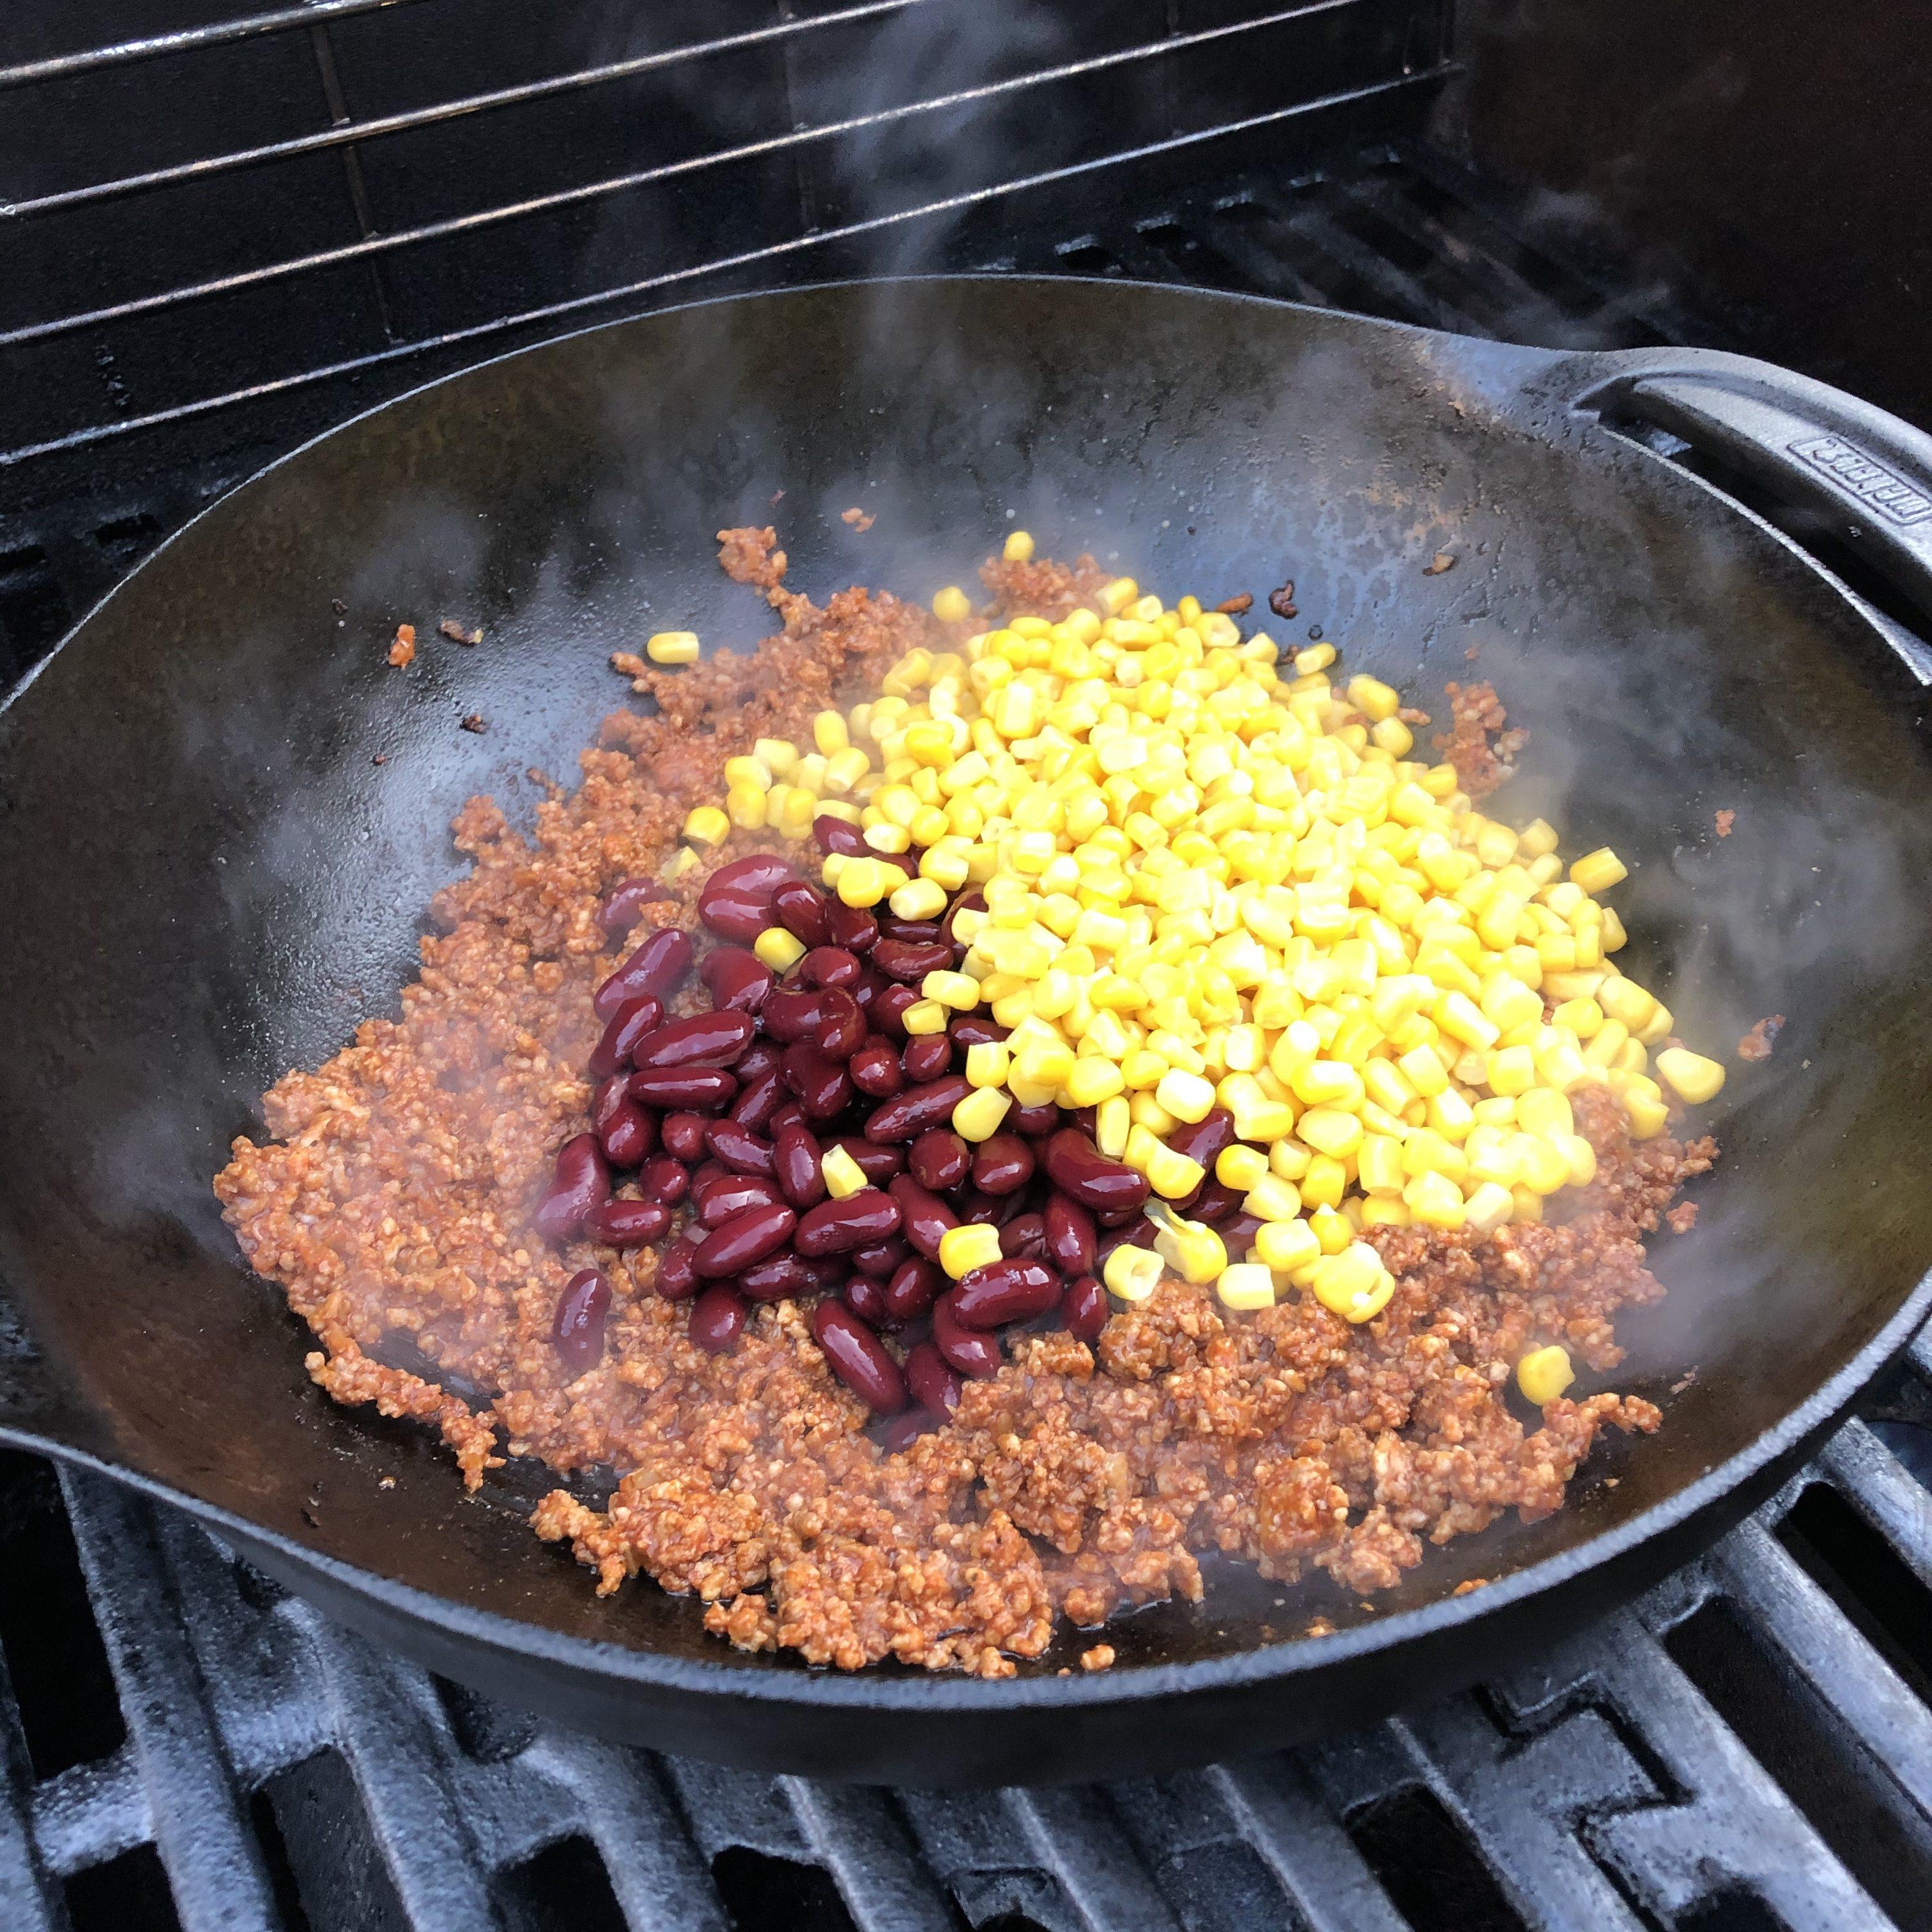 Hackfleischfüllung für Tortillas aus dem Hickory-Rauch